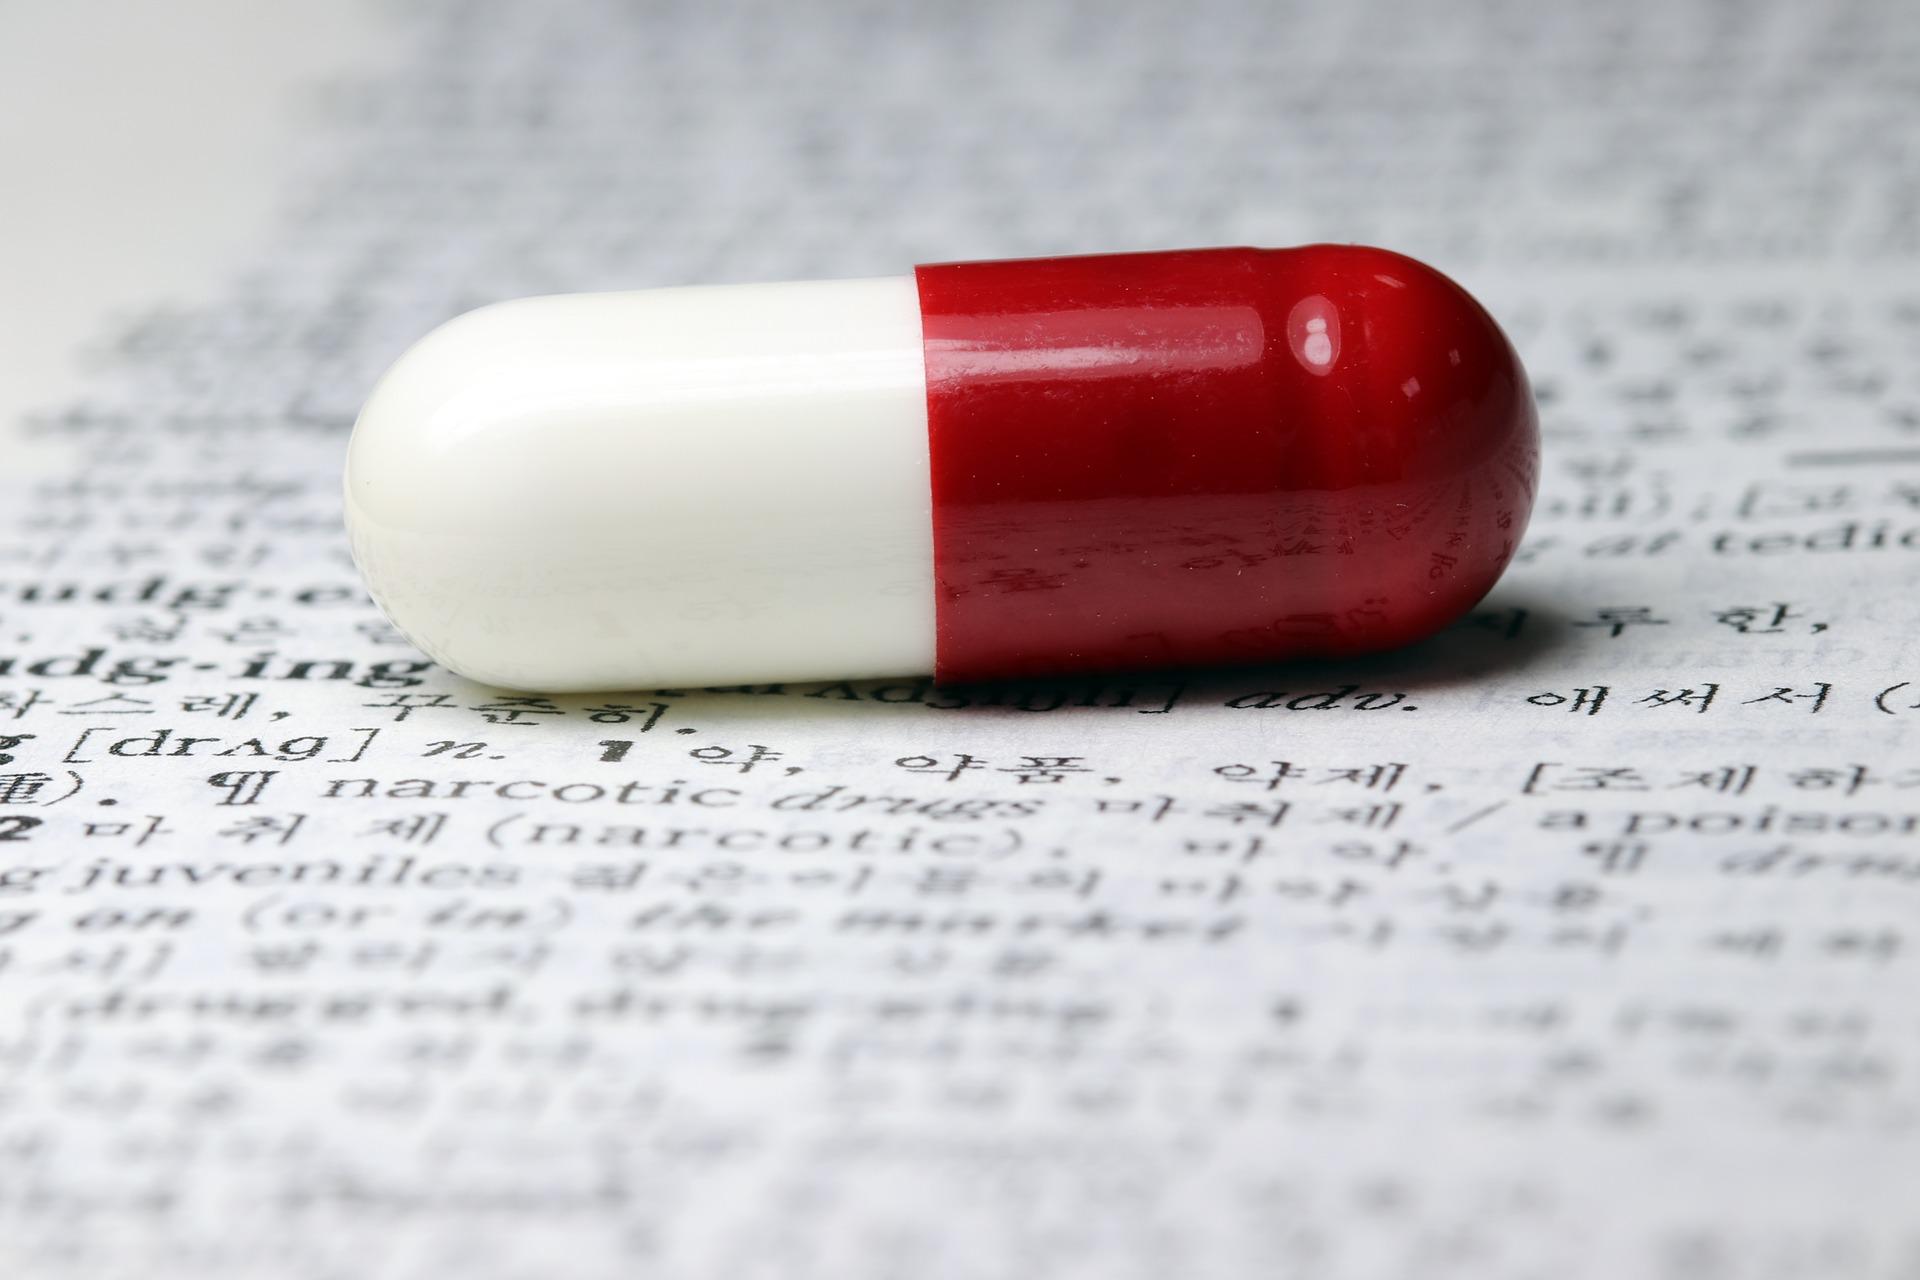 怒りの感情をマネジメントする7つの処方箋